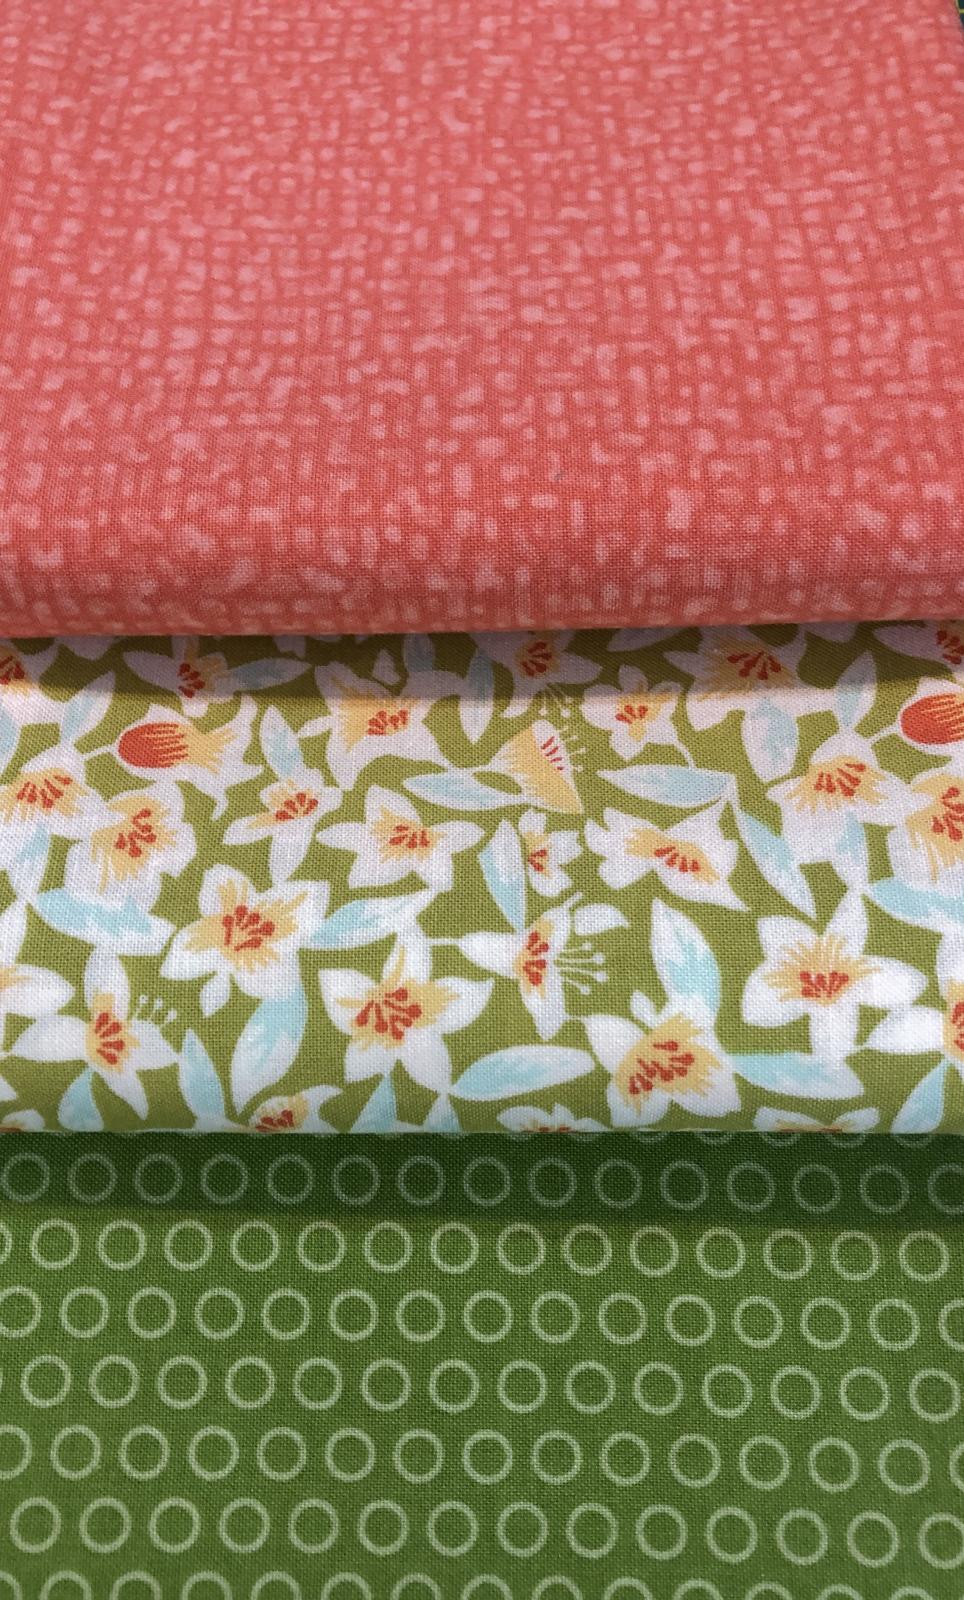 3 Yd Bundle - Springtime